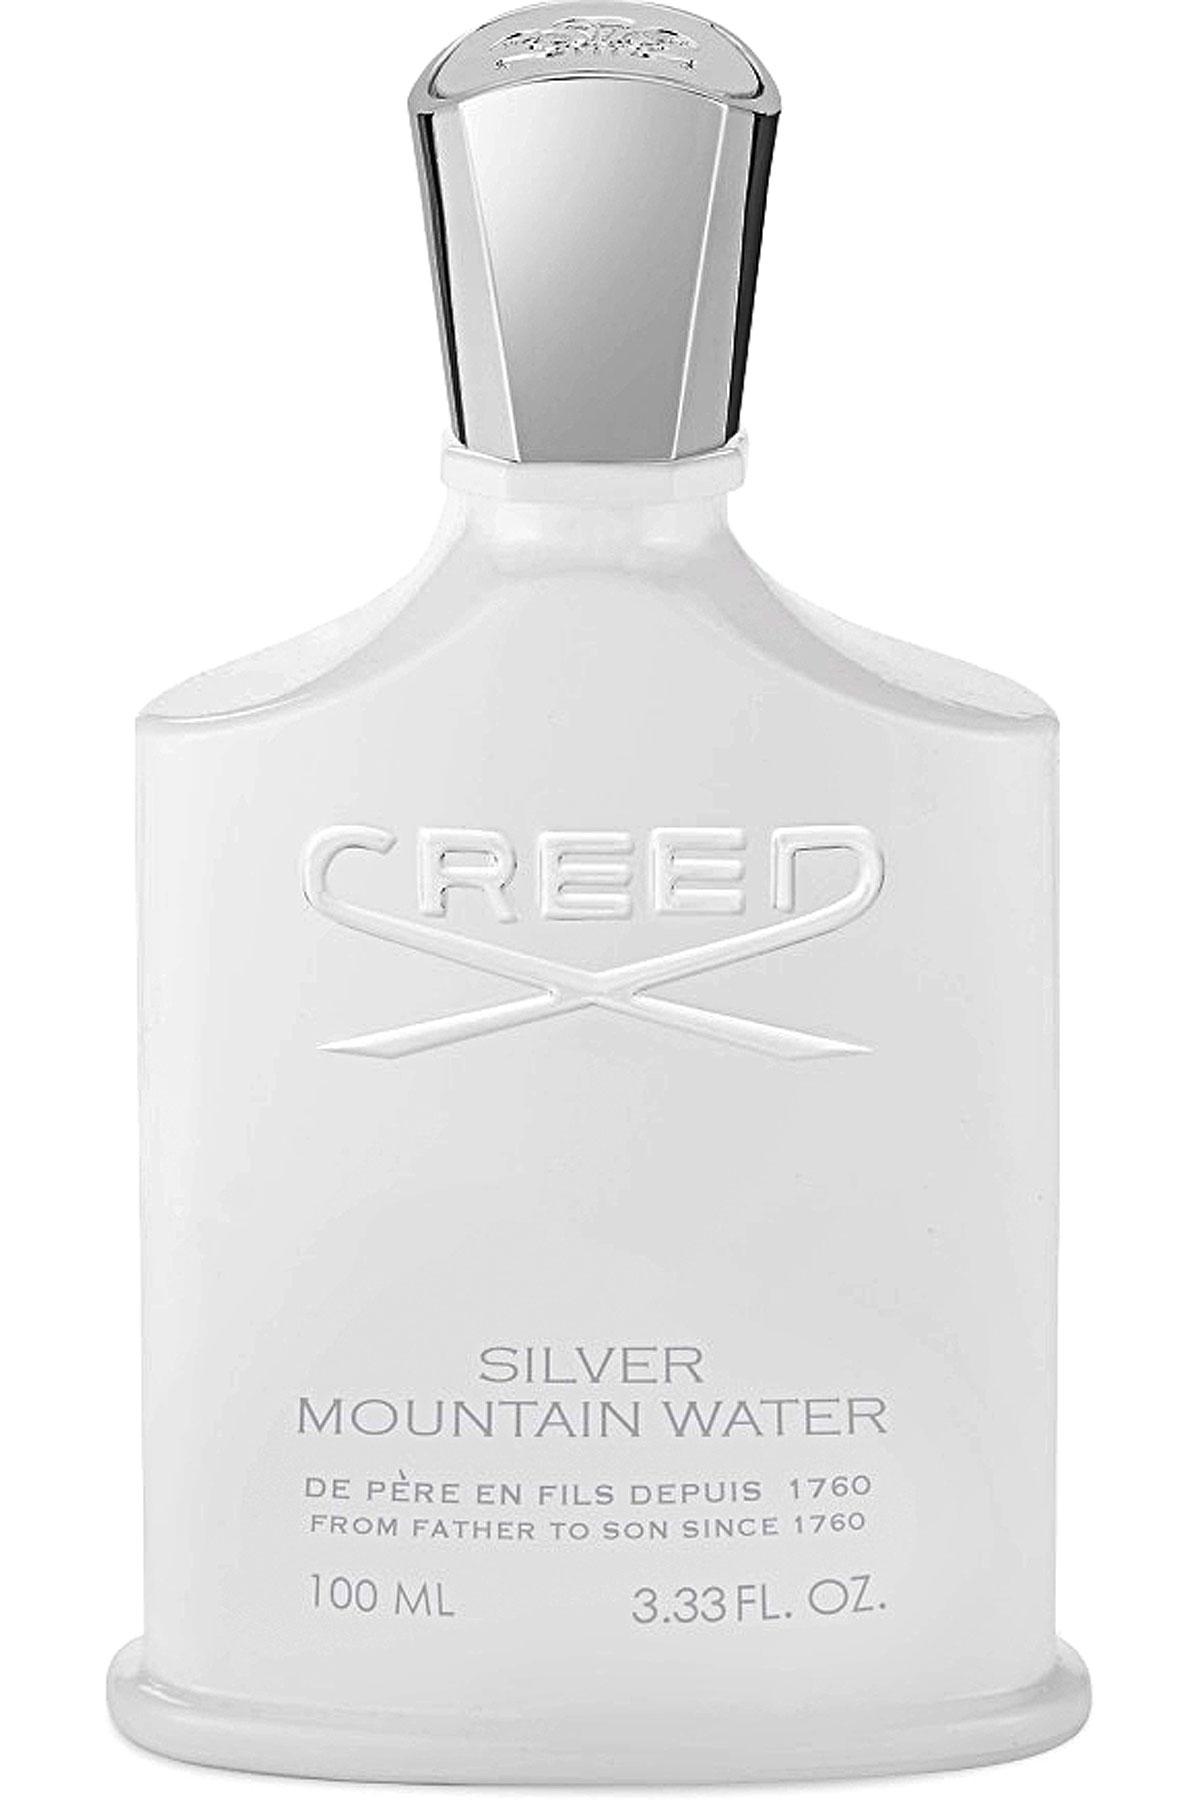 Creed Fragrances for Men, Silver Mountain Water - Eau De Parfum - 100 Ml, 2019, 100 ml